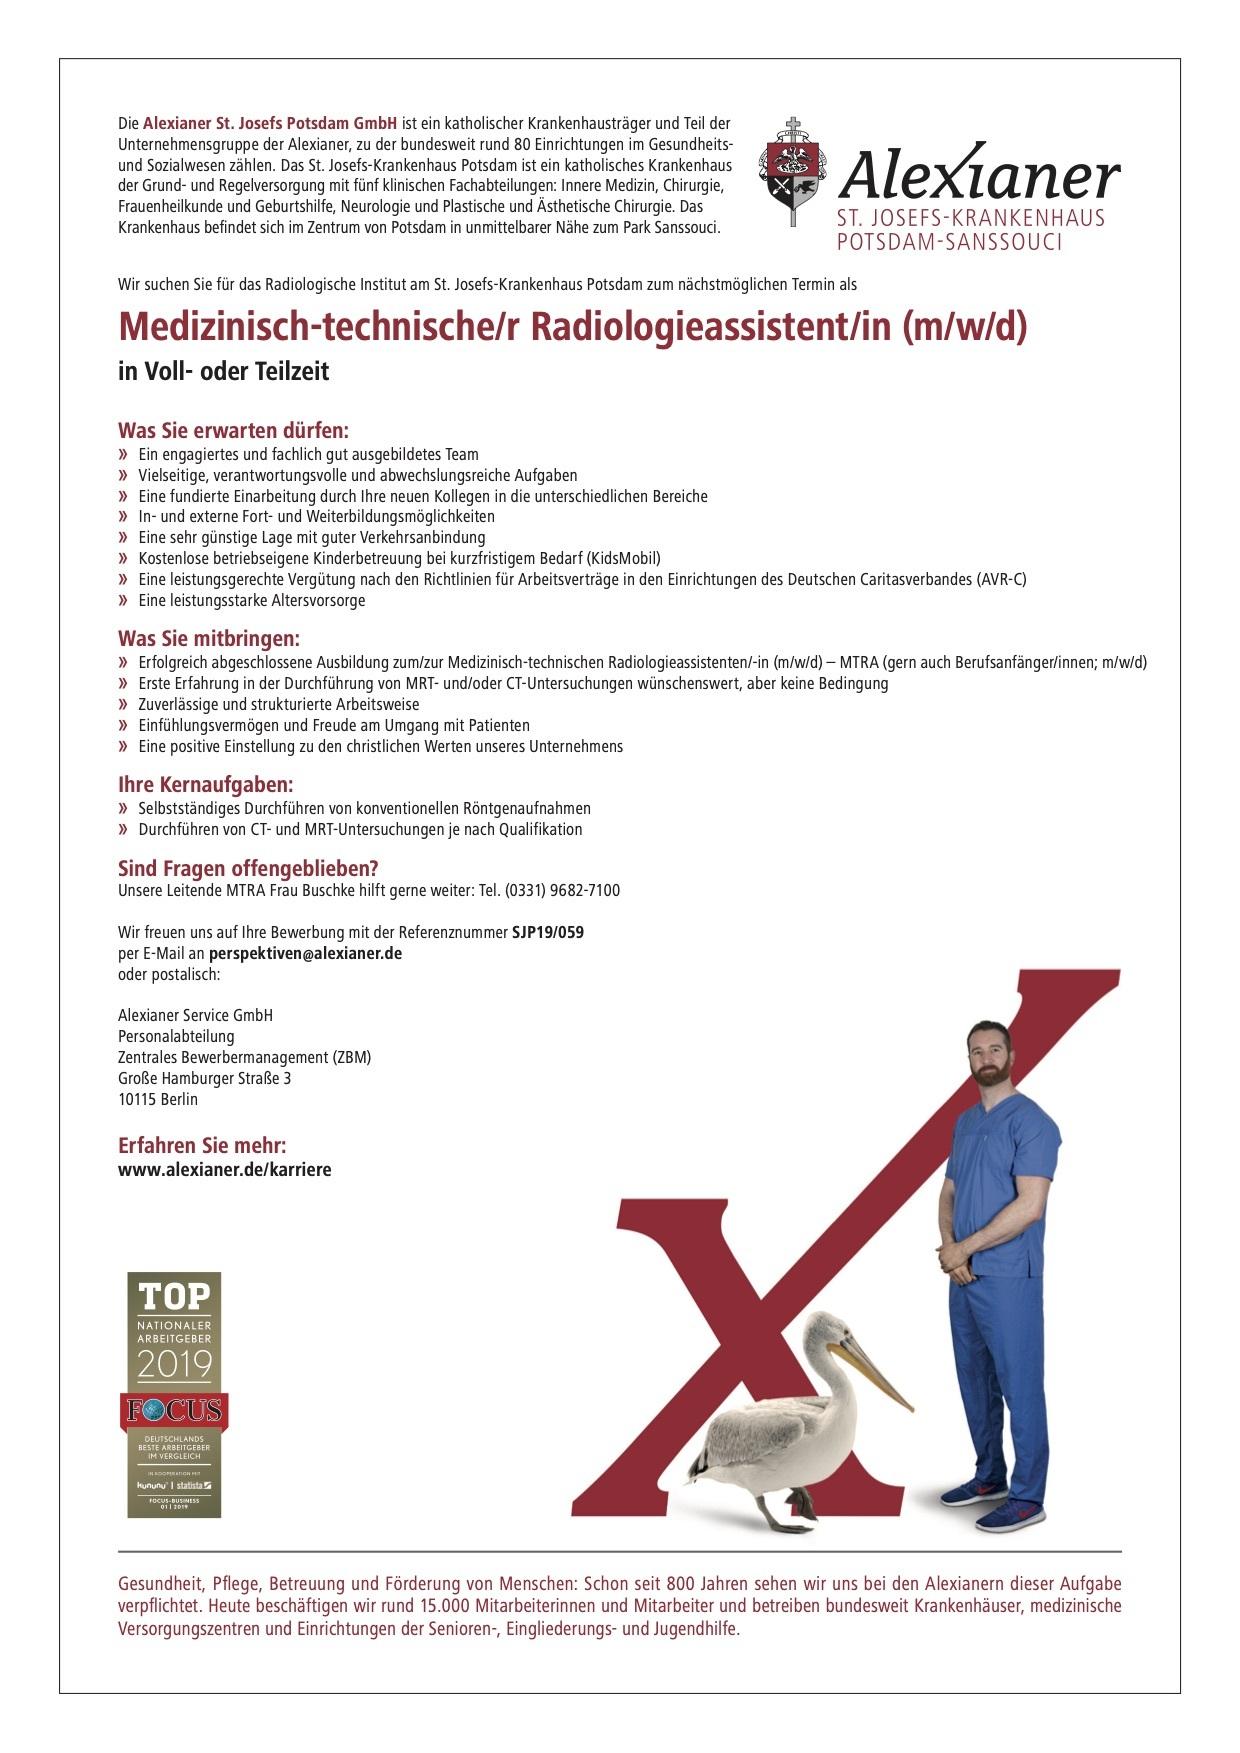 Medizinisch-technische/r Radiologieassistent/in (m/w/d)